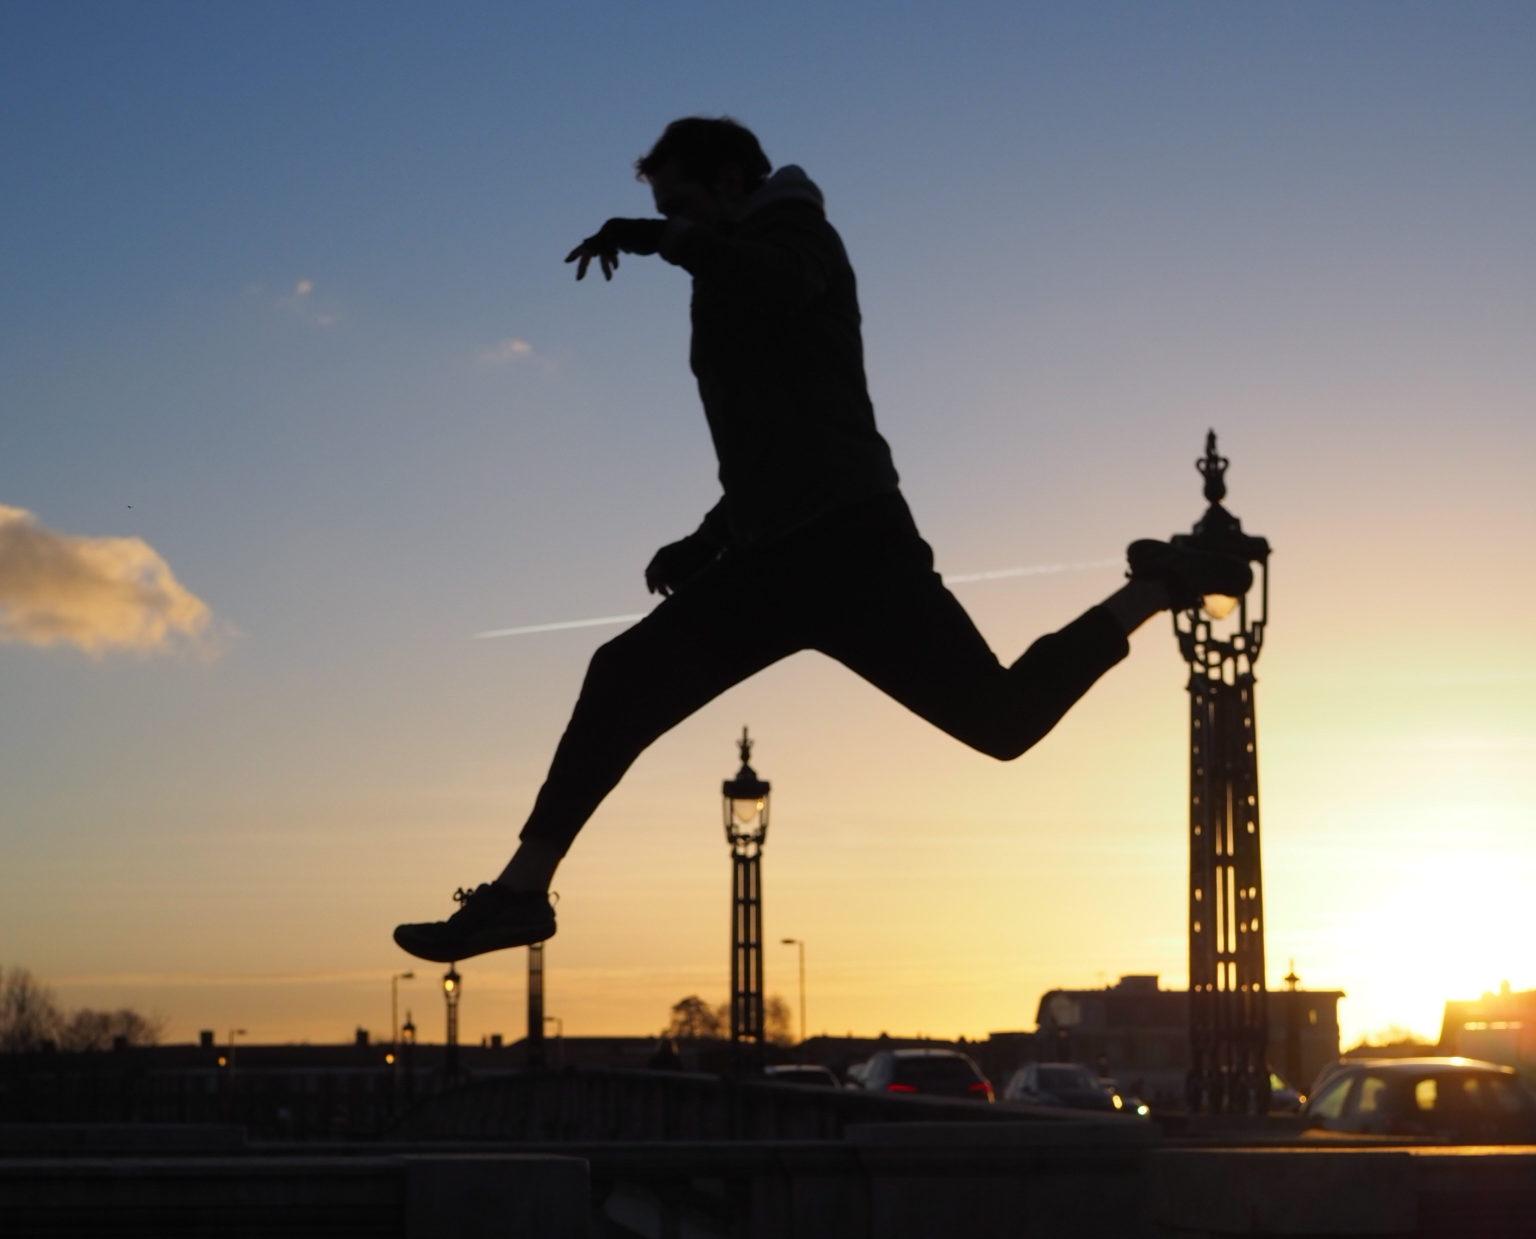 liam leaping hampton court bridge silhouette